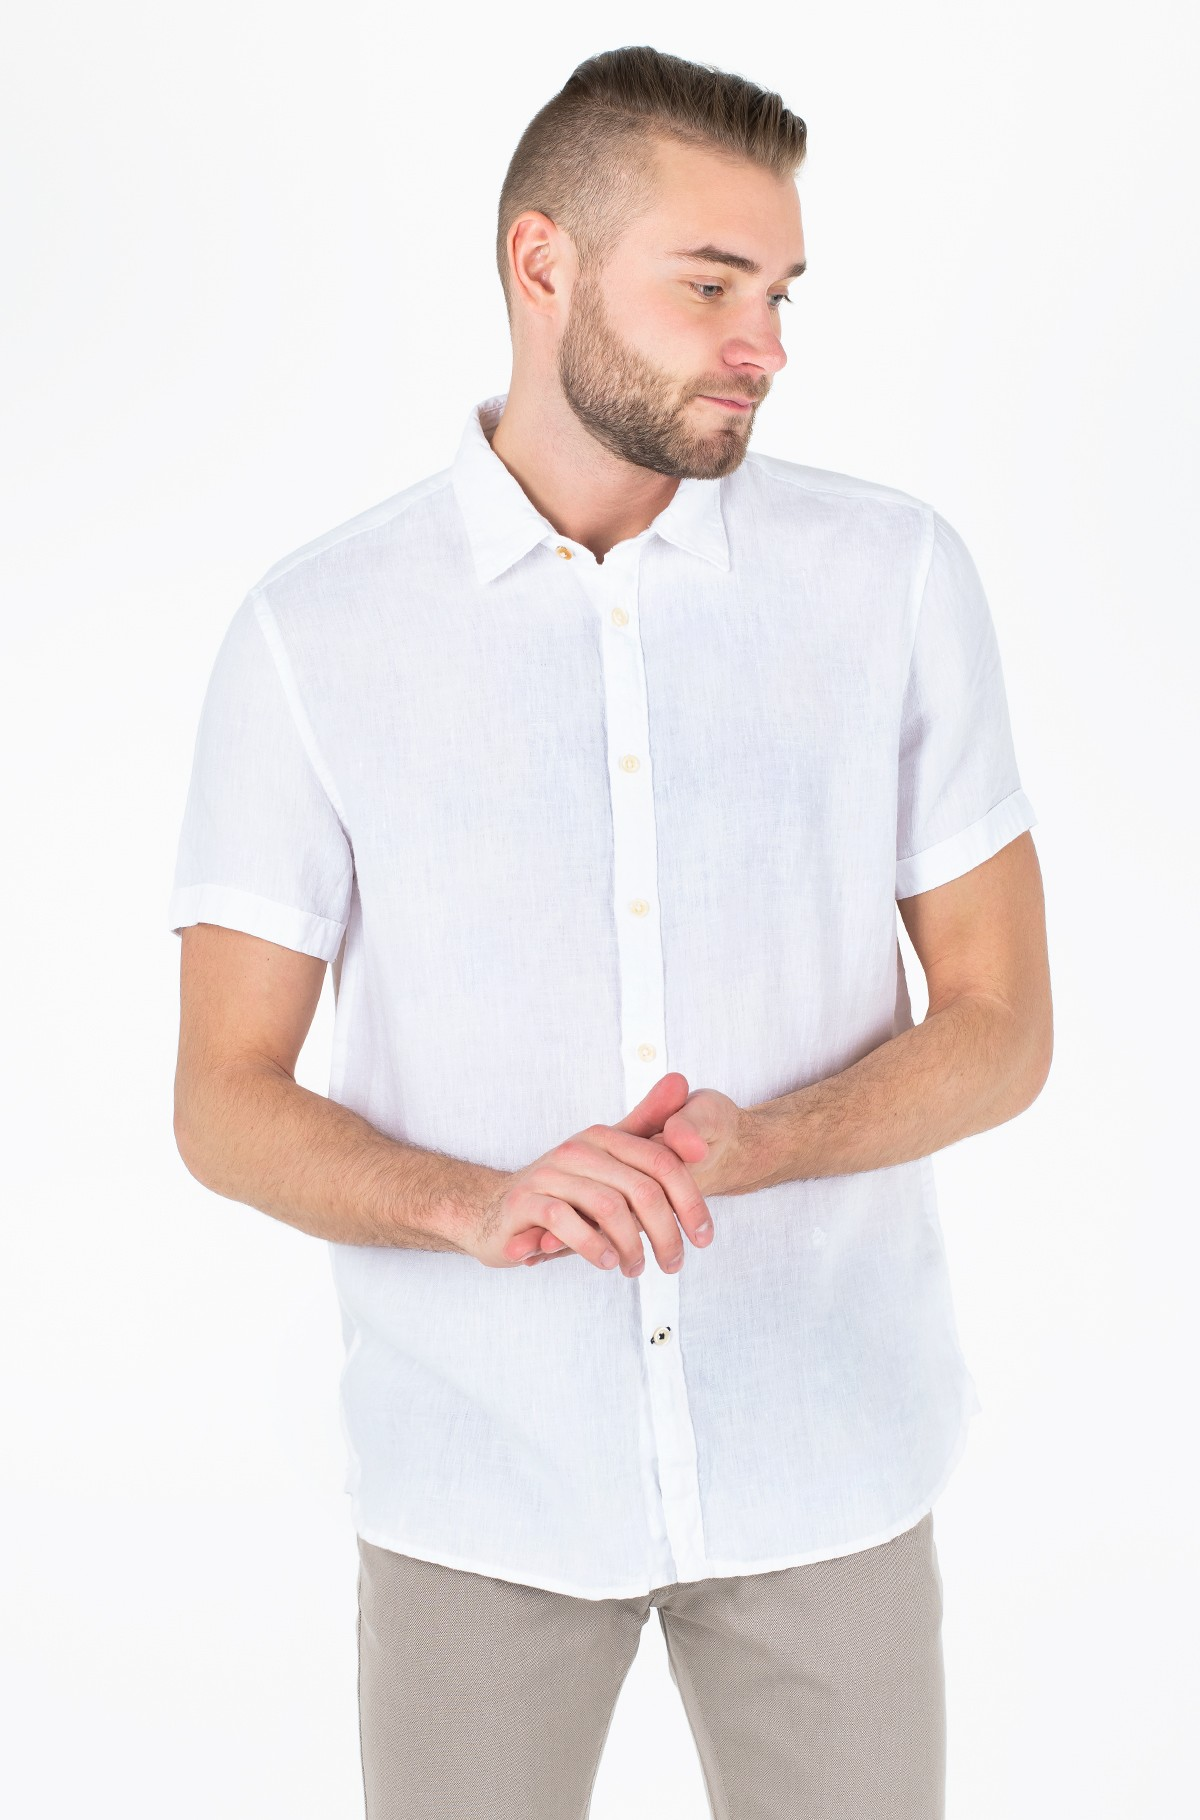 Marškiniai su trumpomis rankovėmis JOHN/PM305825-full-1